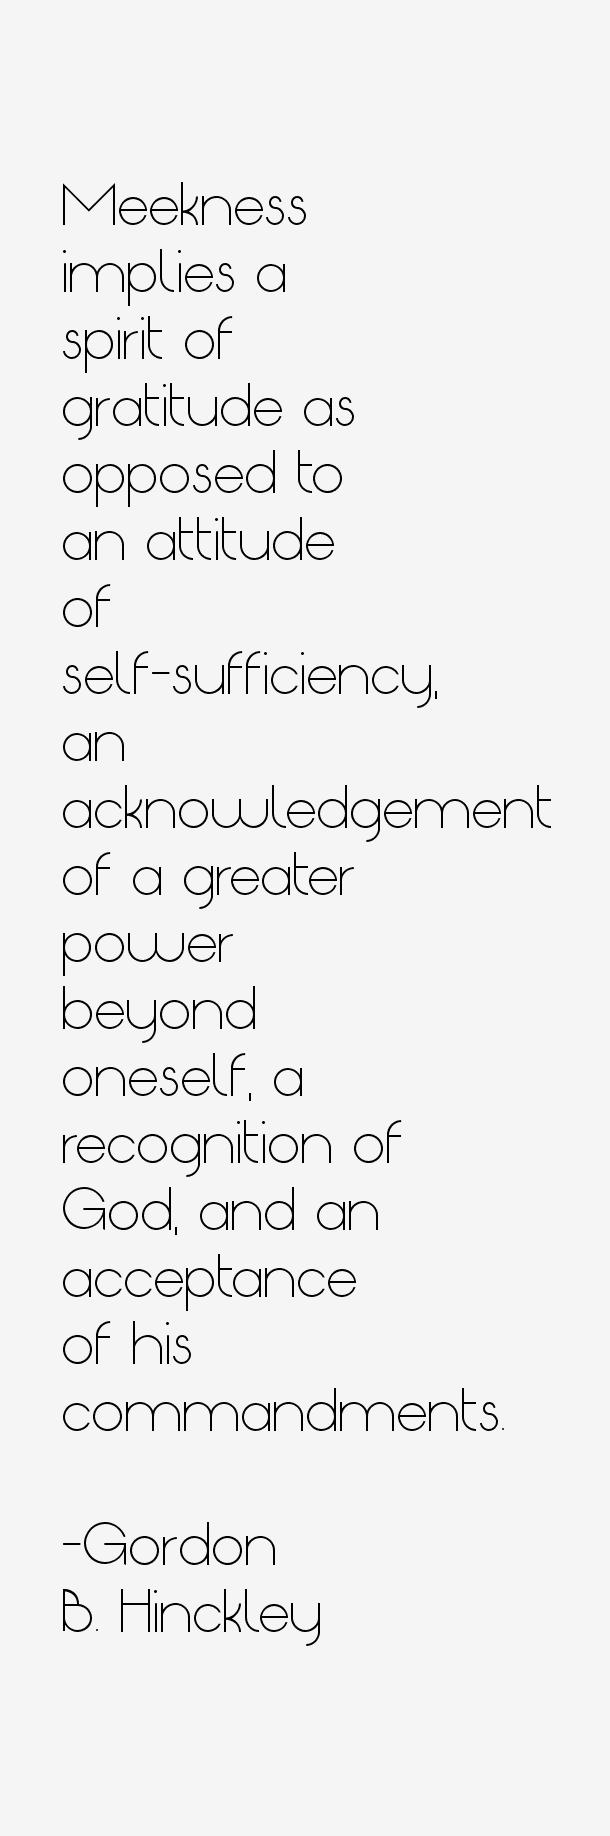 Gordon B Hinckley Quotes Gordon Bhinckley Quotes & Sayings Page 3